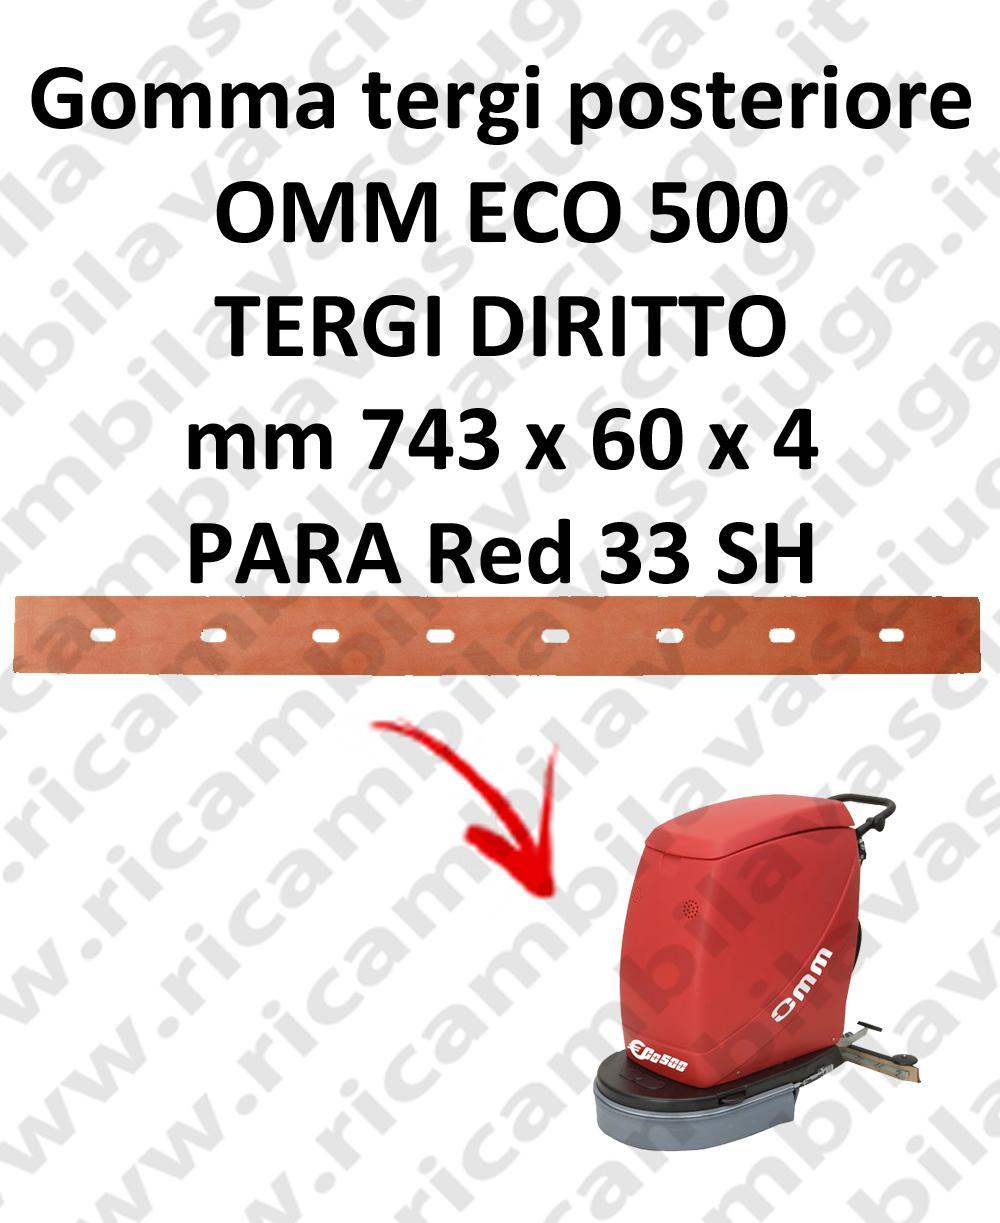 Gomma tergi posteriore per lavapavimenti OMM ECO 500